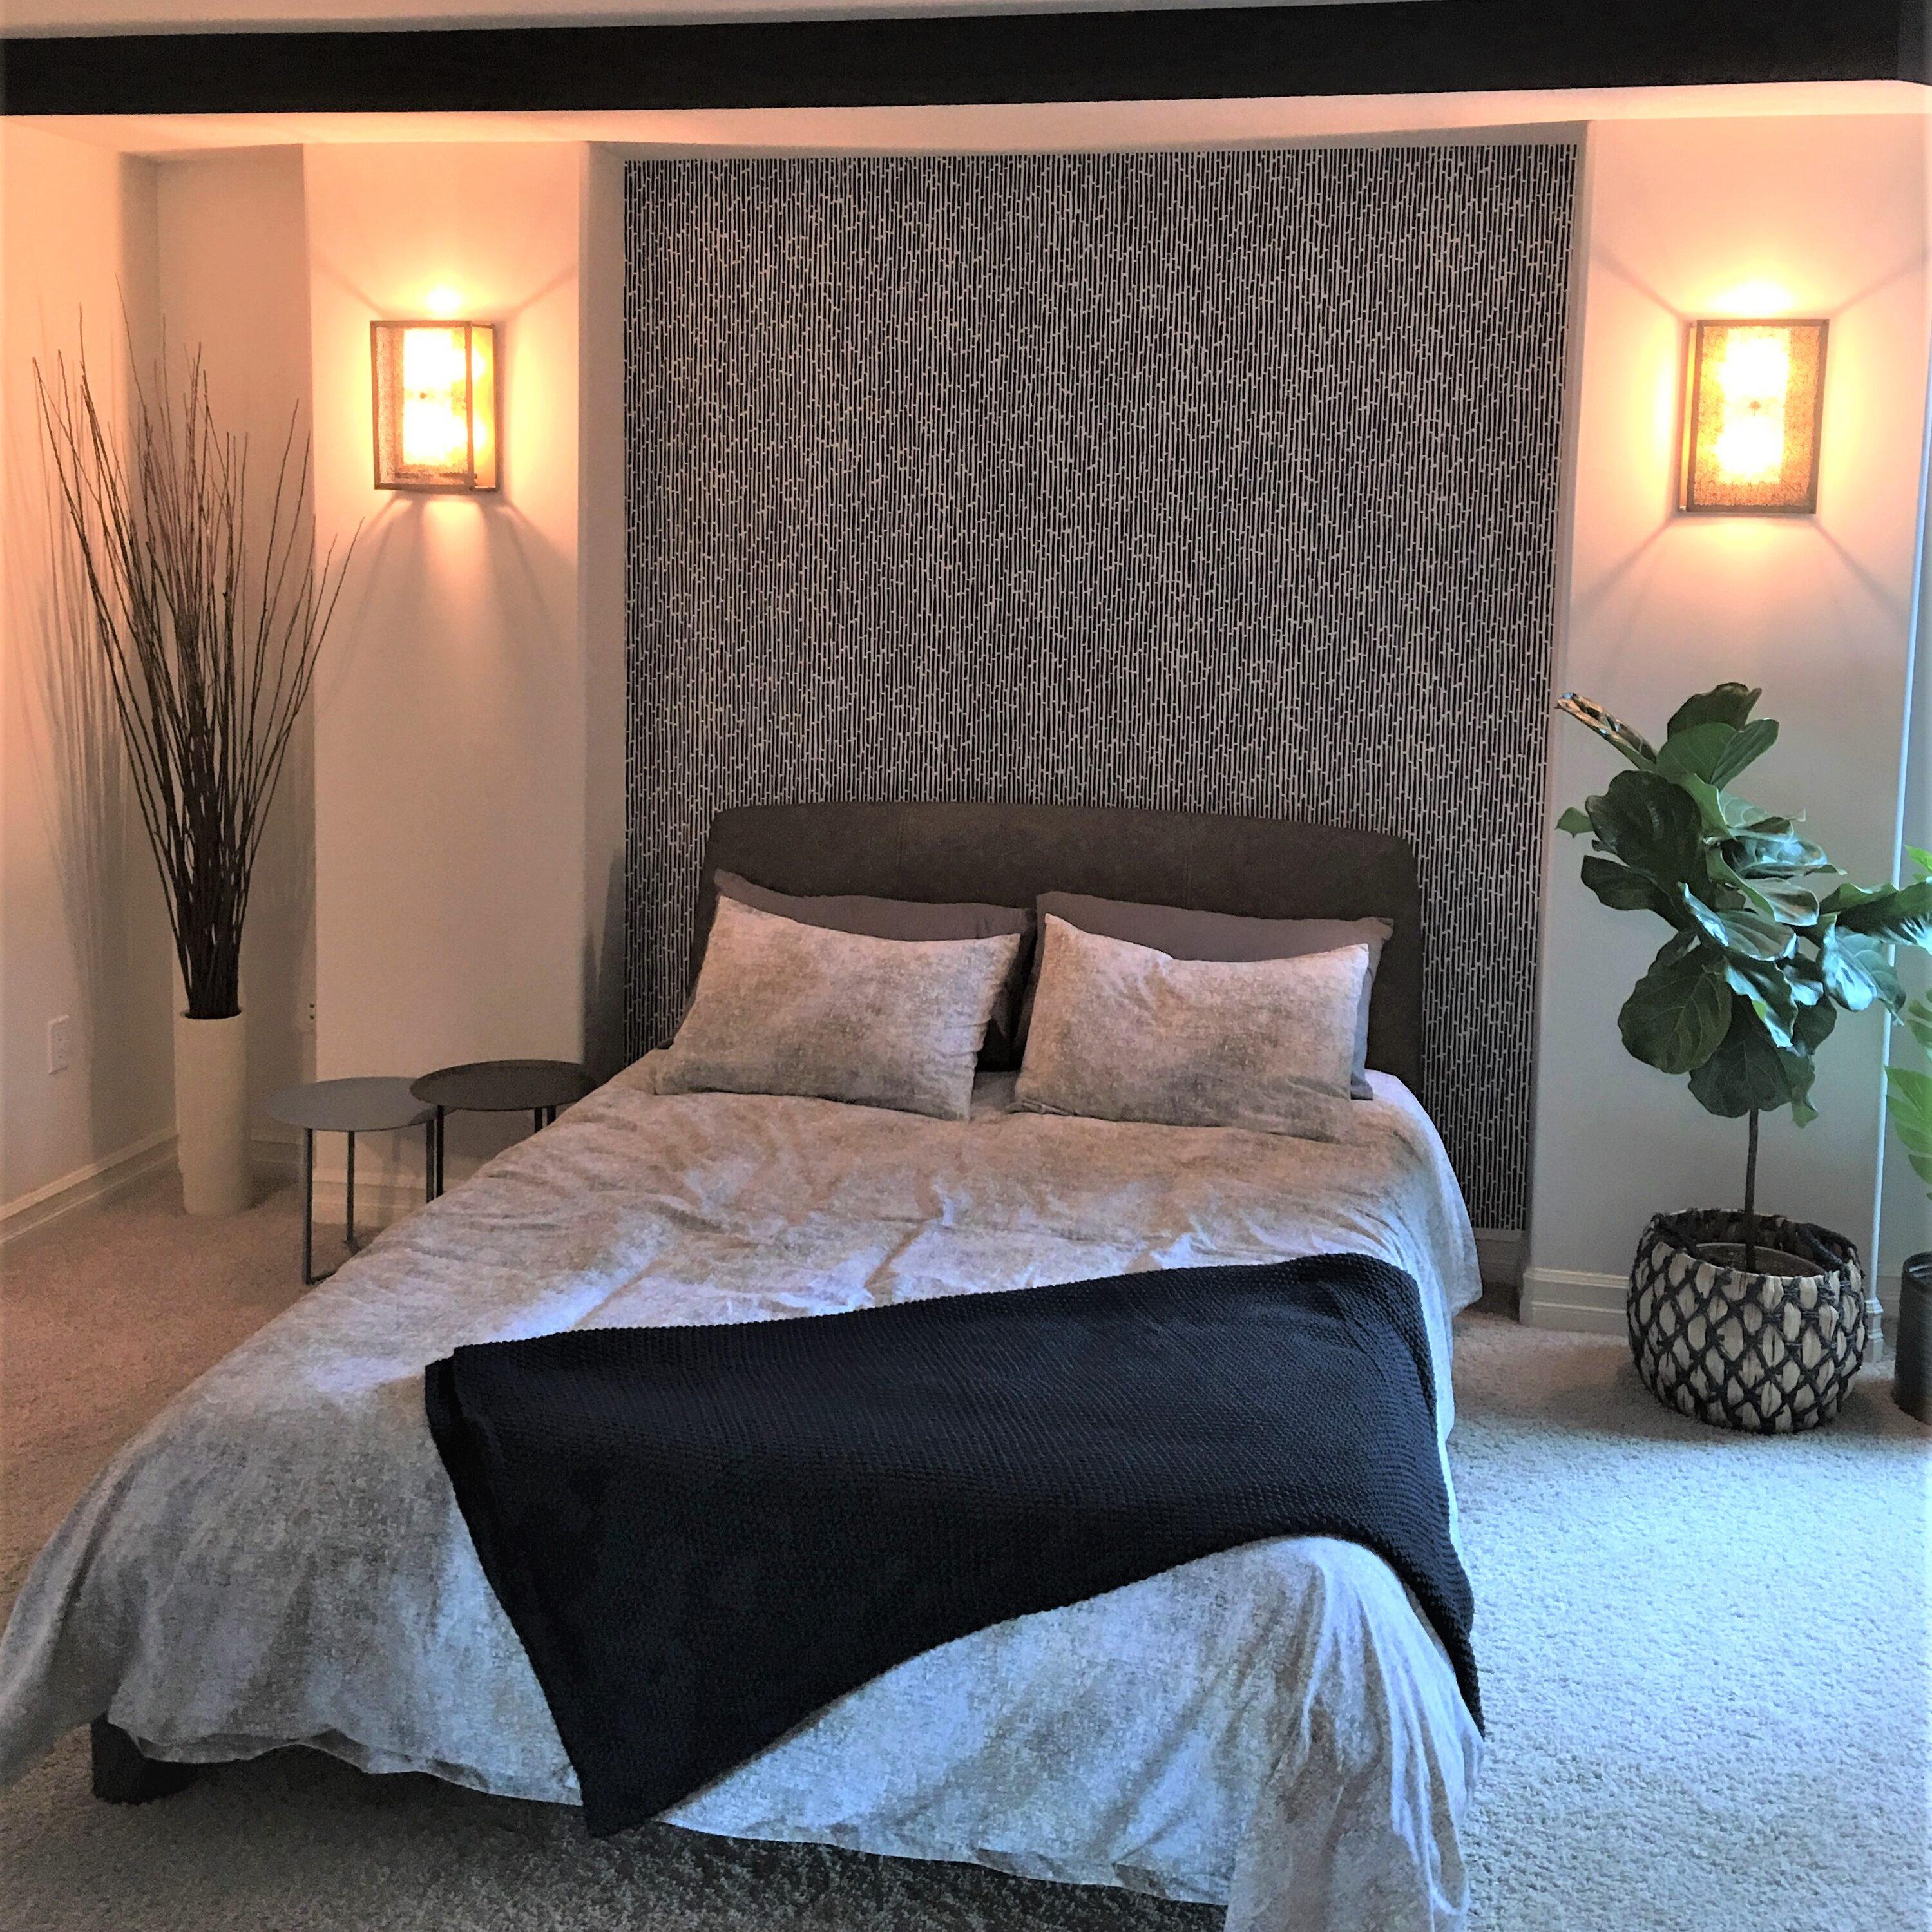 Bedroom / Textiles / Wallpaper / Decor